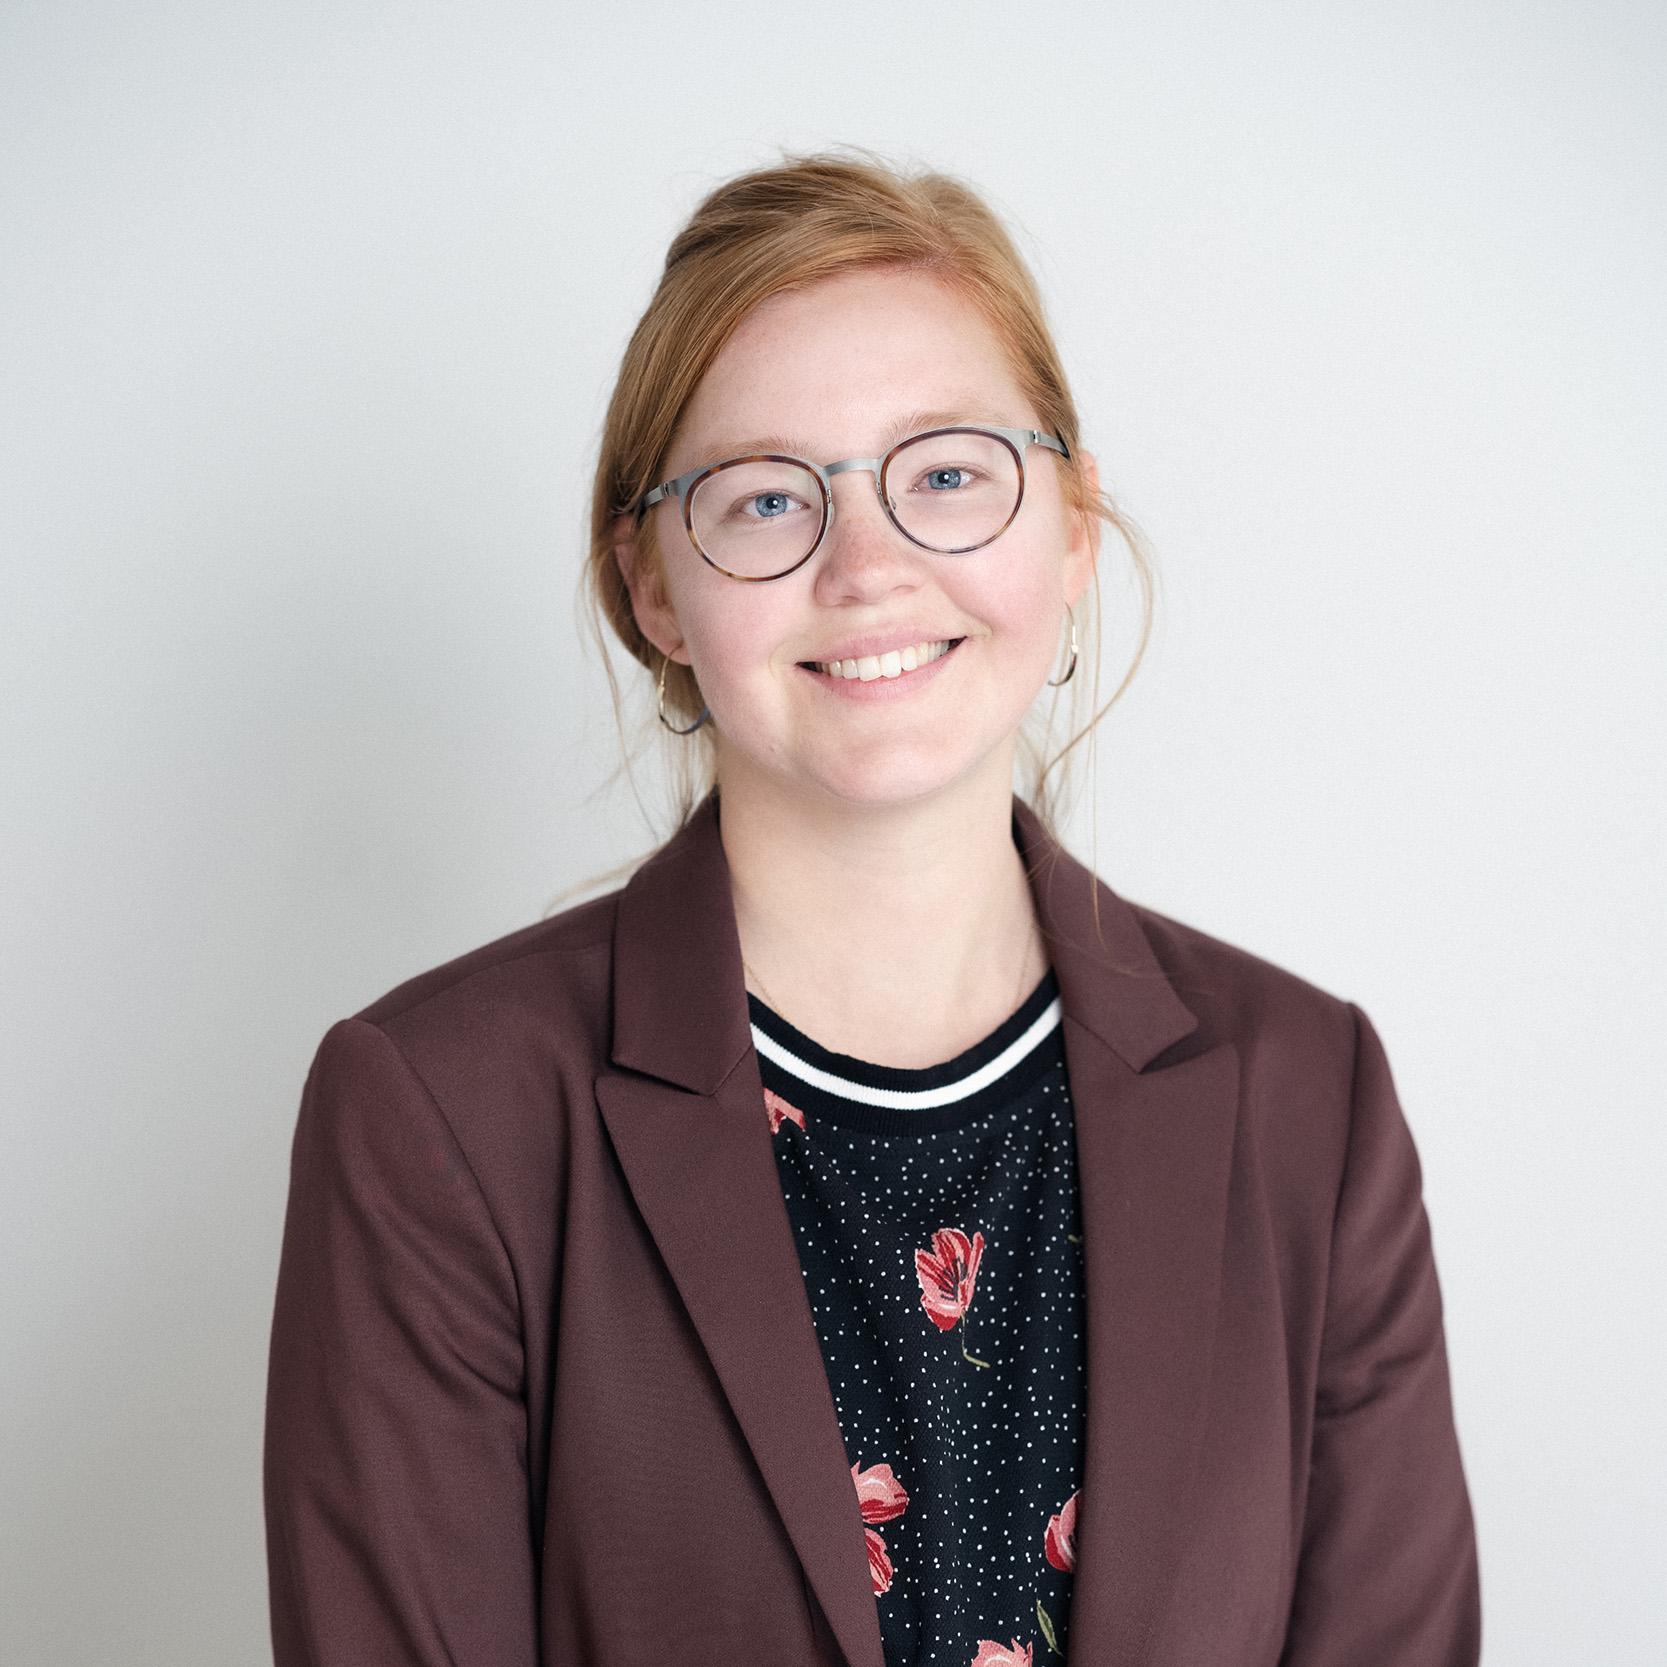 Veronika Naja Vilhelmsen